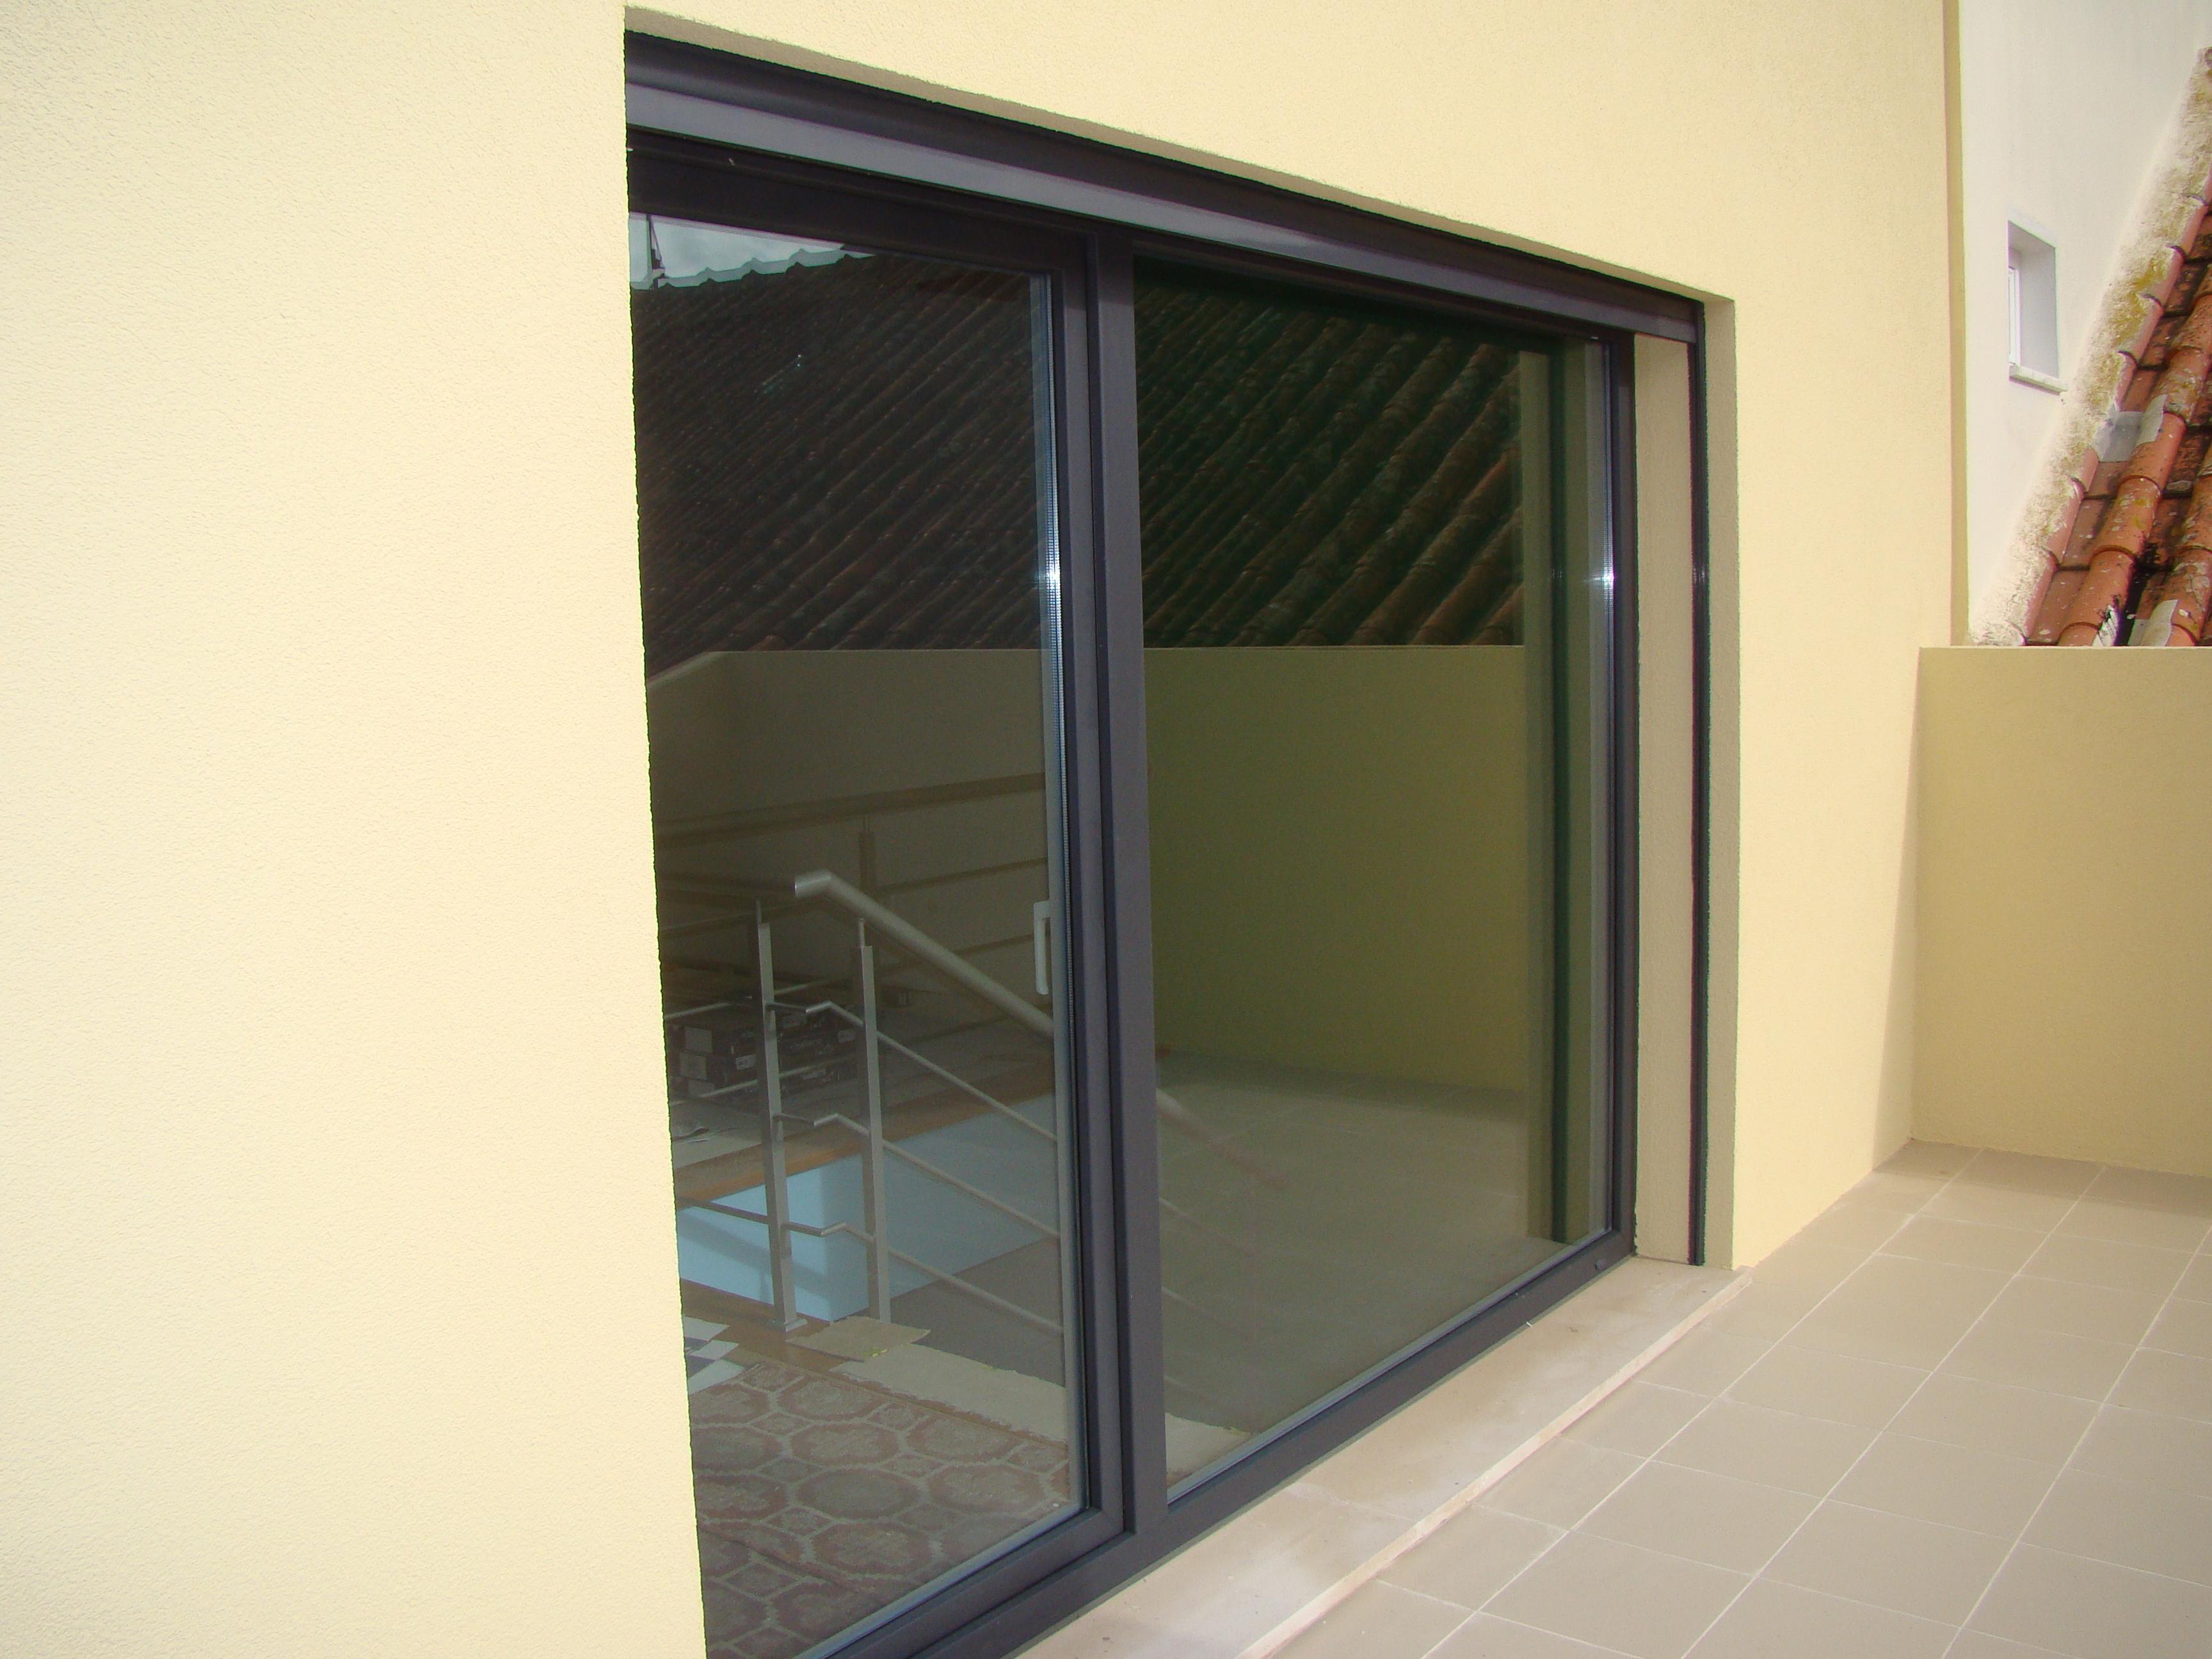 #A78324 Janelas de Elevado Isolamento Acústico 670 Janelas Pvc Ou Aluminio Melhor